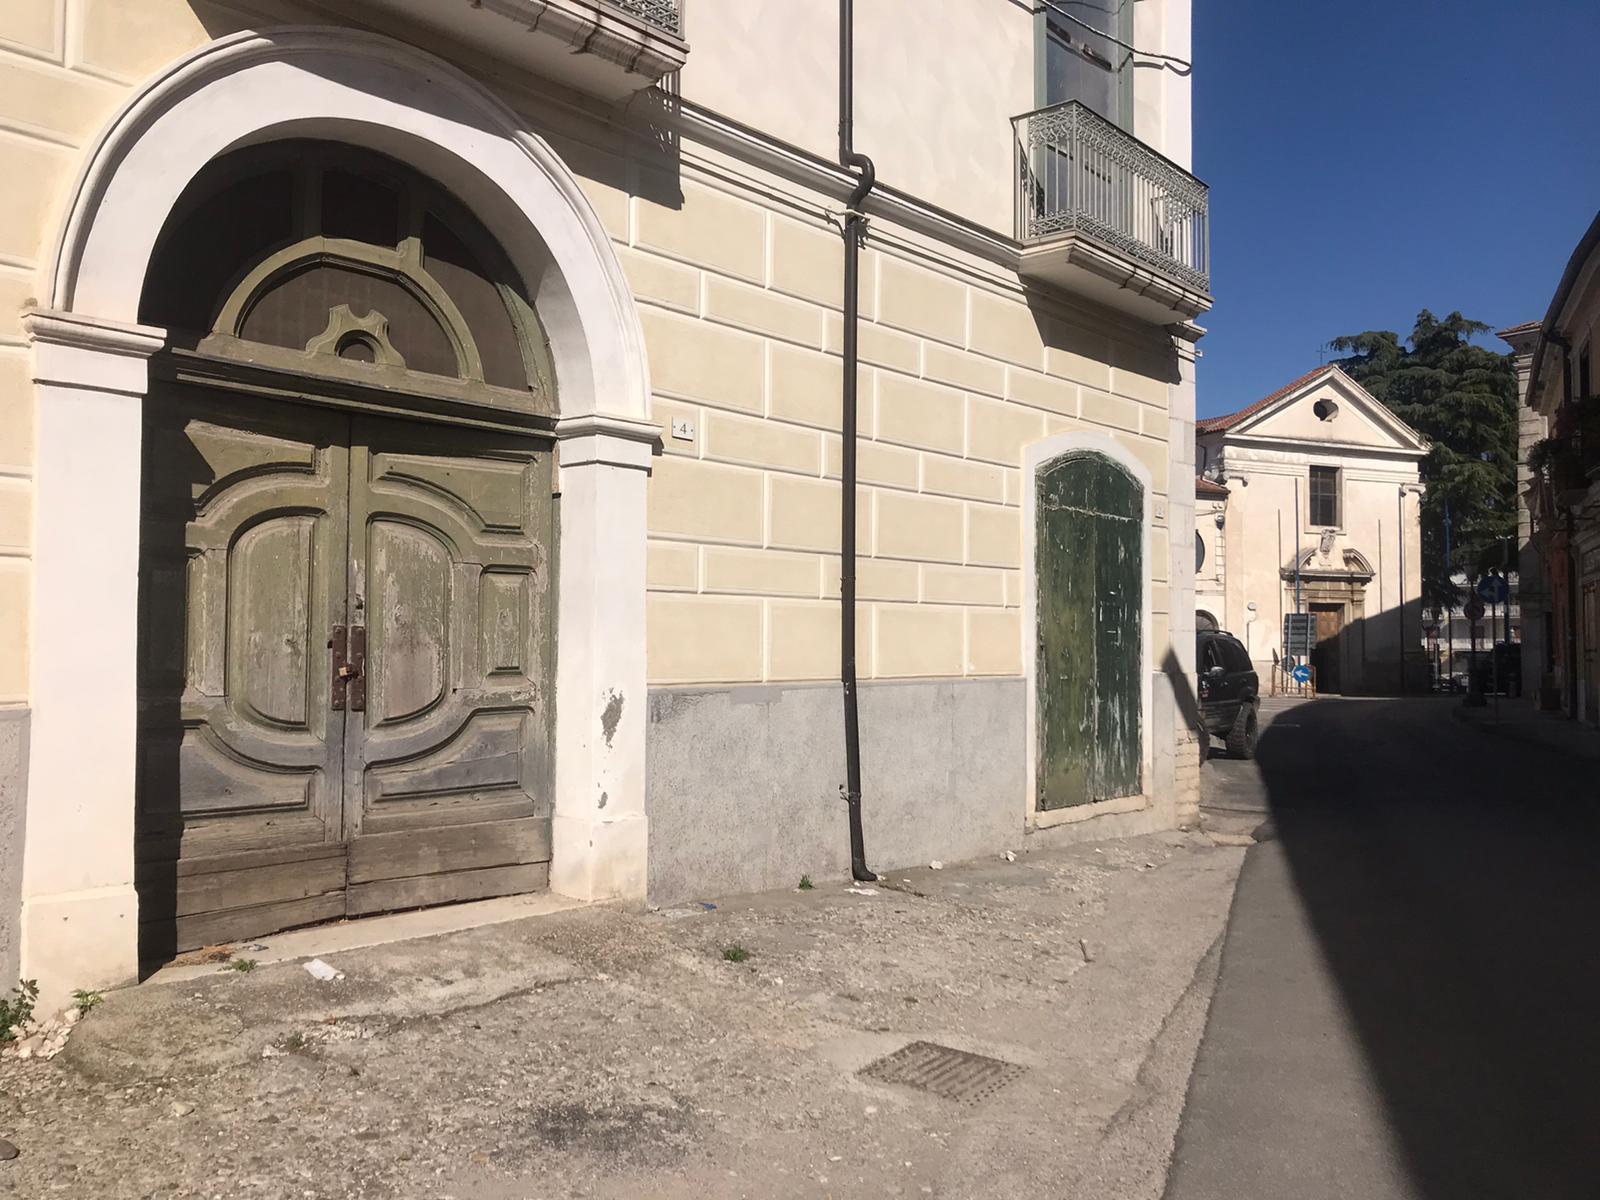 Negozio / Locale in affitto a San Giorgio del Sannio, 9999 locali, prezzo € 500 | CambioCasa.it